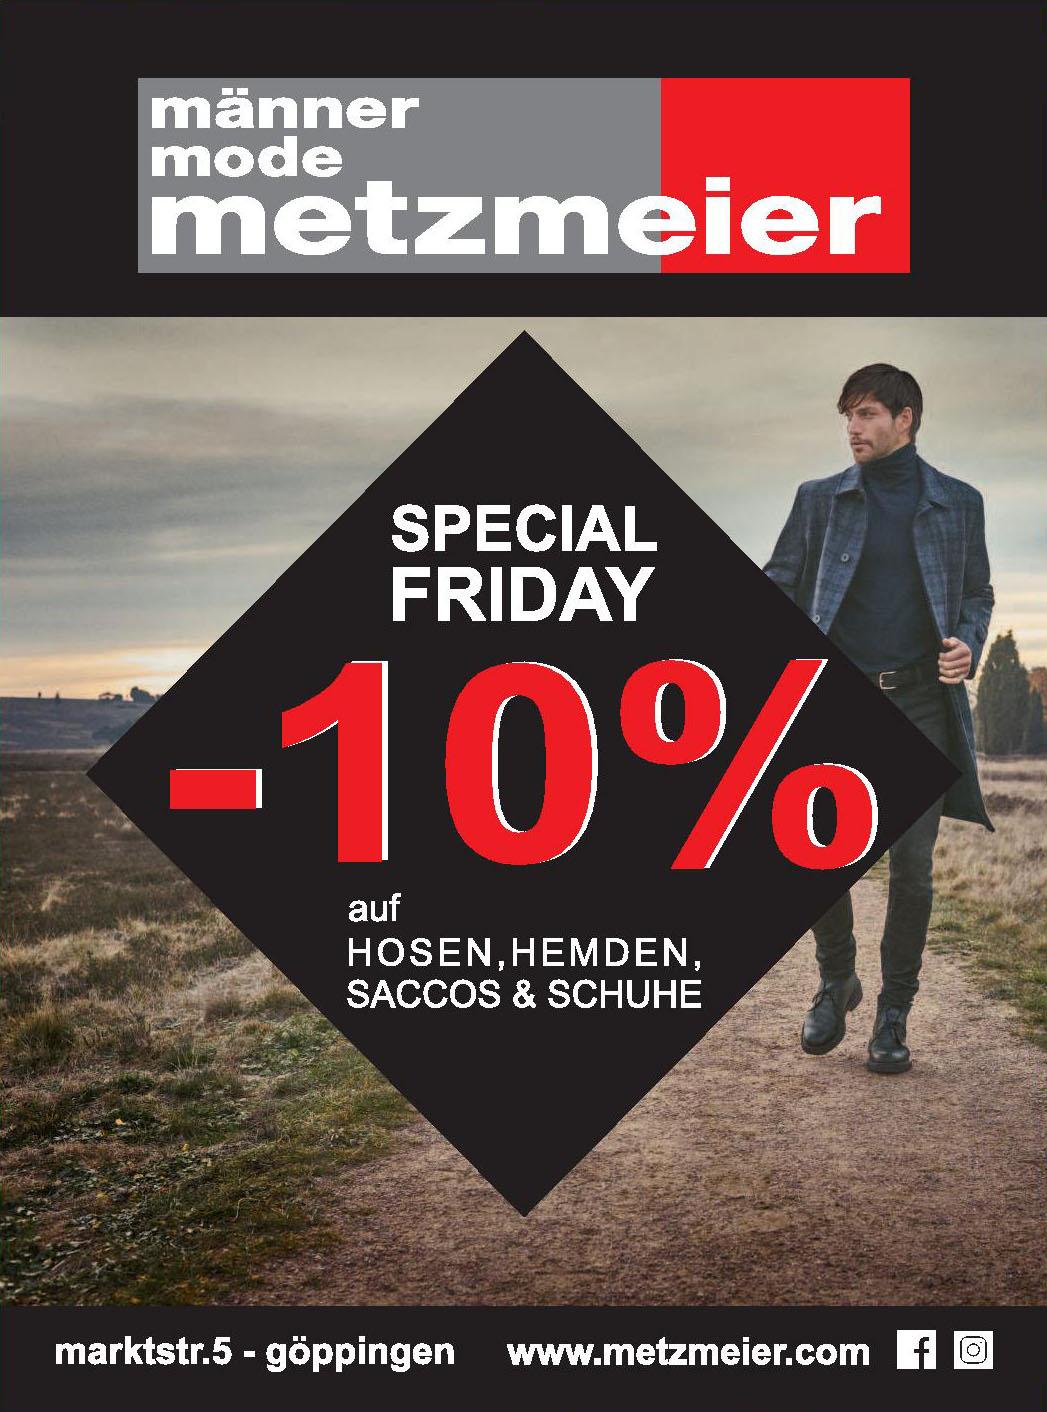 Metzmeier